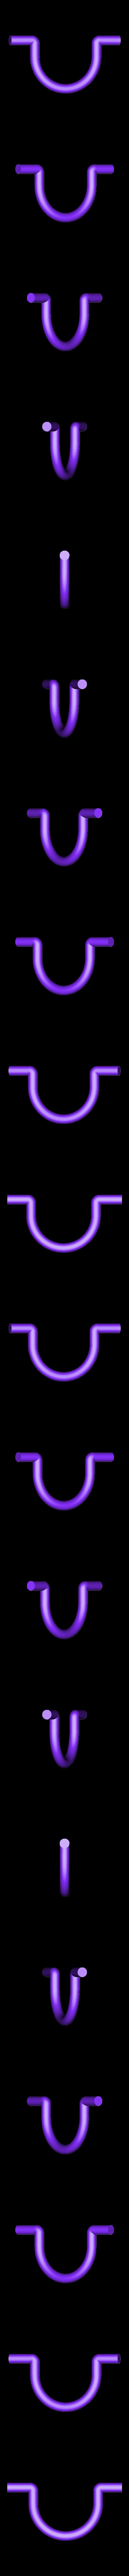 JALADOR.stl Télécharger fichier STL Tiroir empilable • Design pour impression 3D, IDEXECT